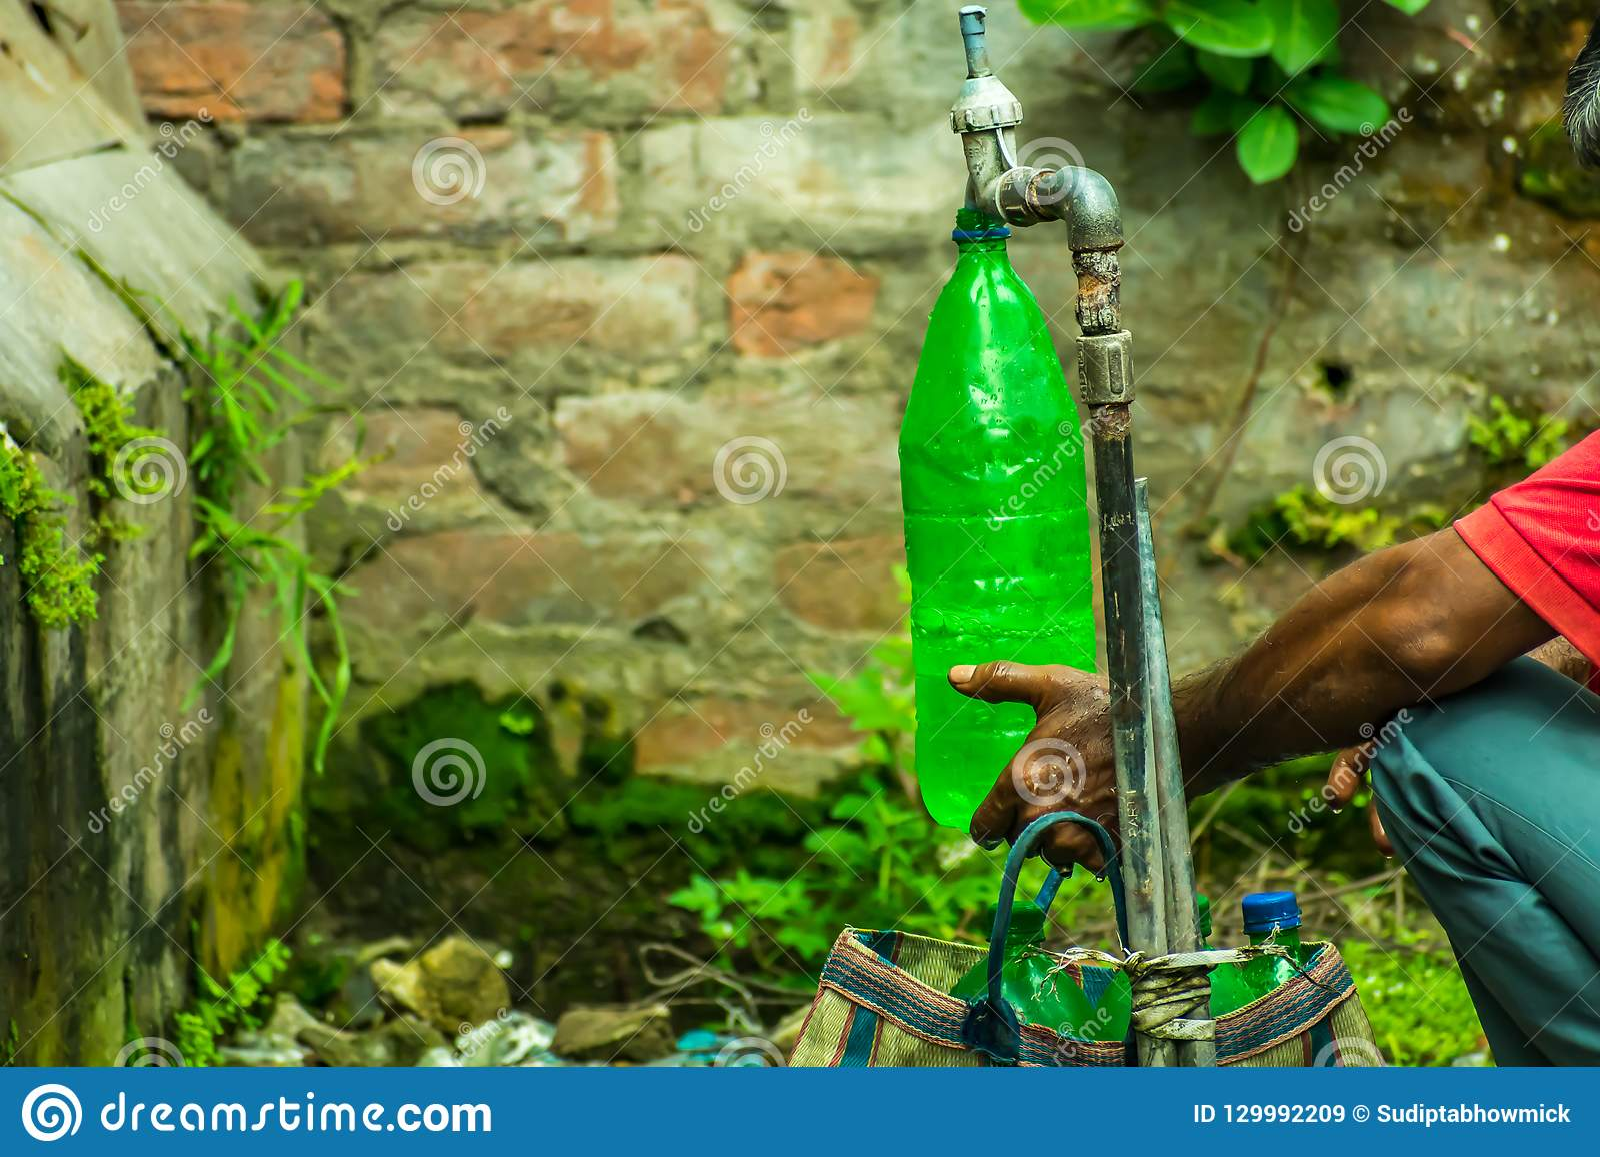 Человек в использовании пластмасовых контейнеров поликарбоната для питьевой воды которая может привести к серьезным рискам для зд